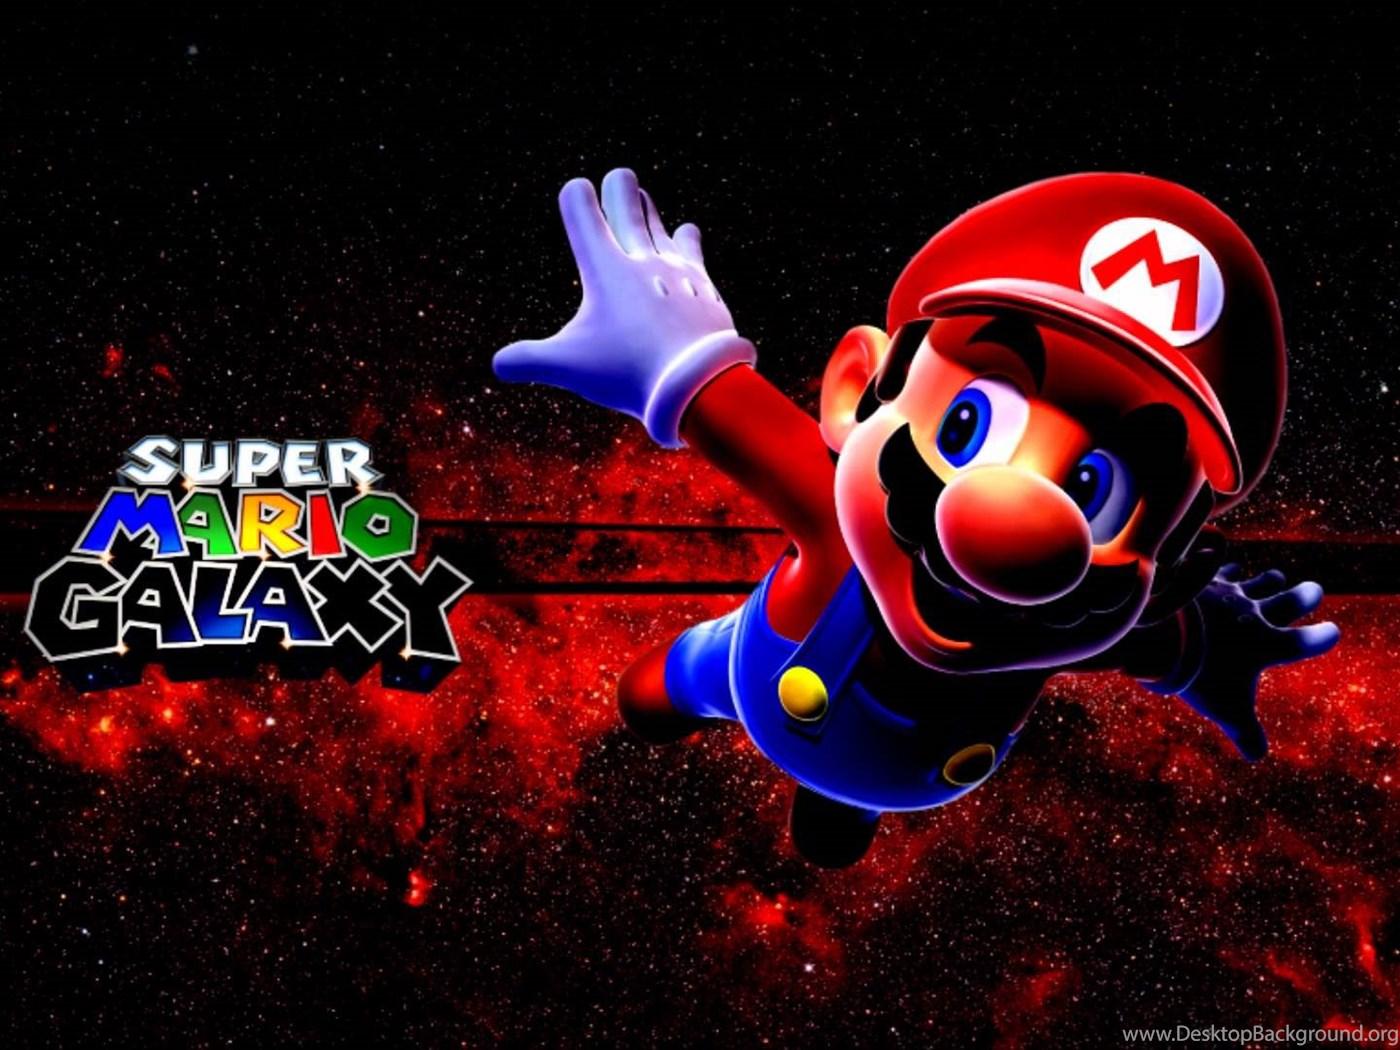 Super Mario Bros Wii Super Mario Galaxy 1 2 Wallpapers Hd